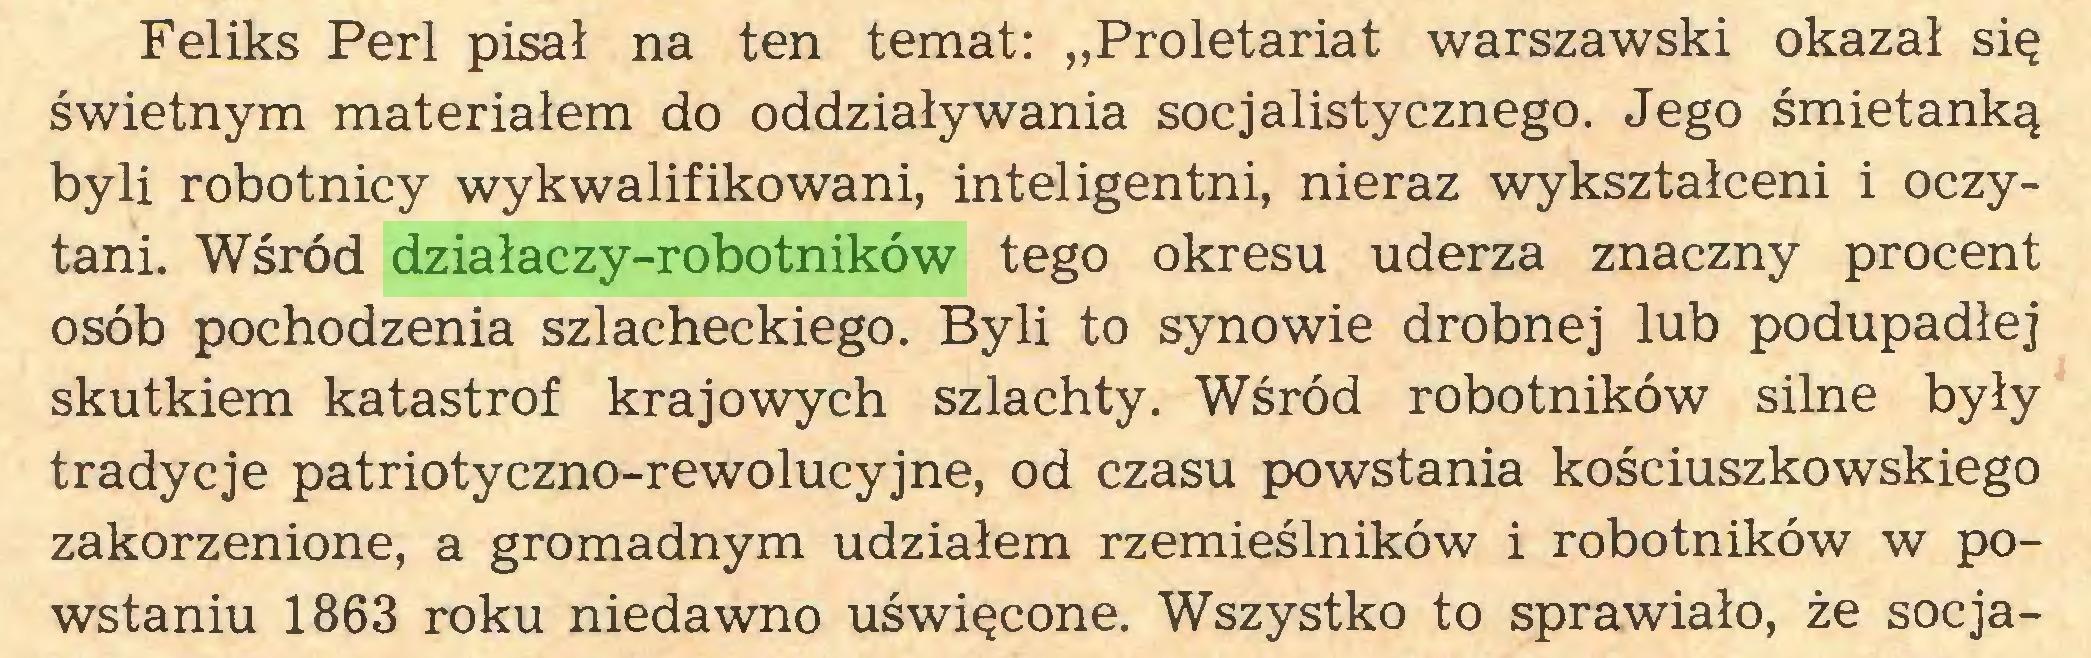 """(...) Feliks Perl pisał na ten temat: """"Proletariat warszawski okazał się świetnym materiałem do oddziaływania socjalistycznego. Jego śmietanką byli robotnicy wykwalifikowani, inteligentni, nieraz wykształceni i oczytani. Wśród działaczy-robotników tego okresu uderza znaczny procent osób pochodzenia szlacheckiego. Byli to synowie drobnej lub podupadłej skutkiem katastrof krajowych szlachty. Wśród robotników silne były tradycje patriotyczno-rewolucyjne, od czasu powstania kościuszkowskiego zakorzenione, a gromadnym udziałem rzemieślników i robotników w powstaniu 1863 roku niedawno uświęcone. Wszystko to sprawiało, że socja..."""